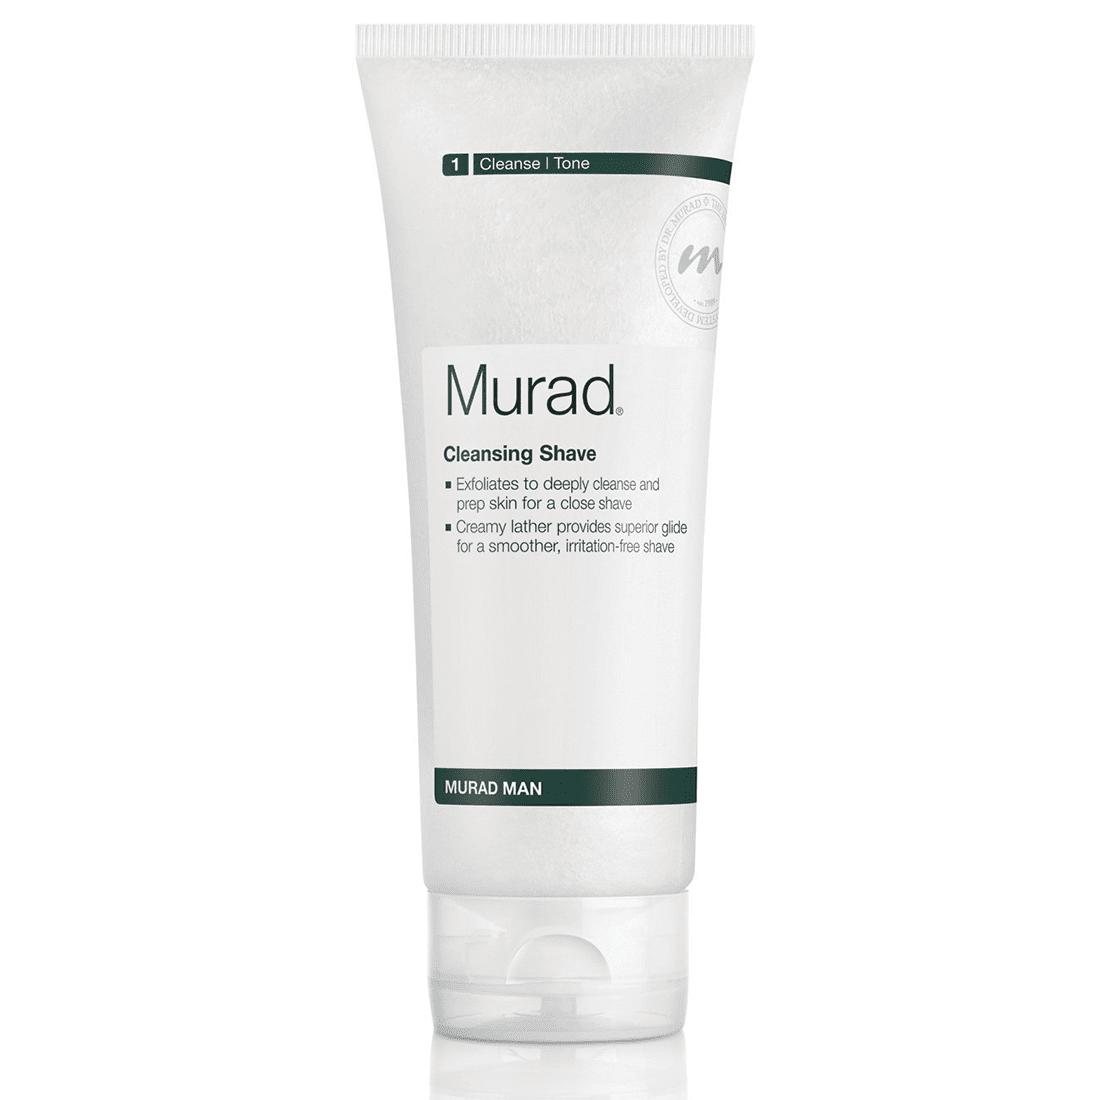 The best shaving cream for Razor Bump Avoidance - MuradCleansing Shave